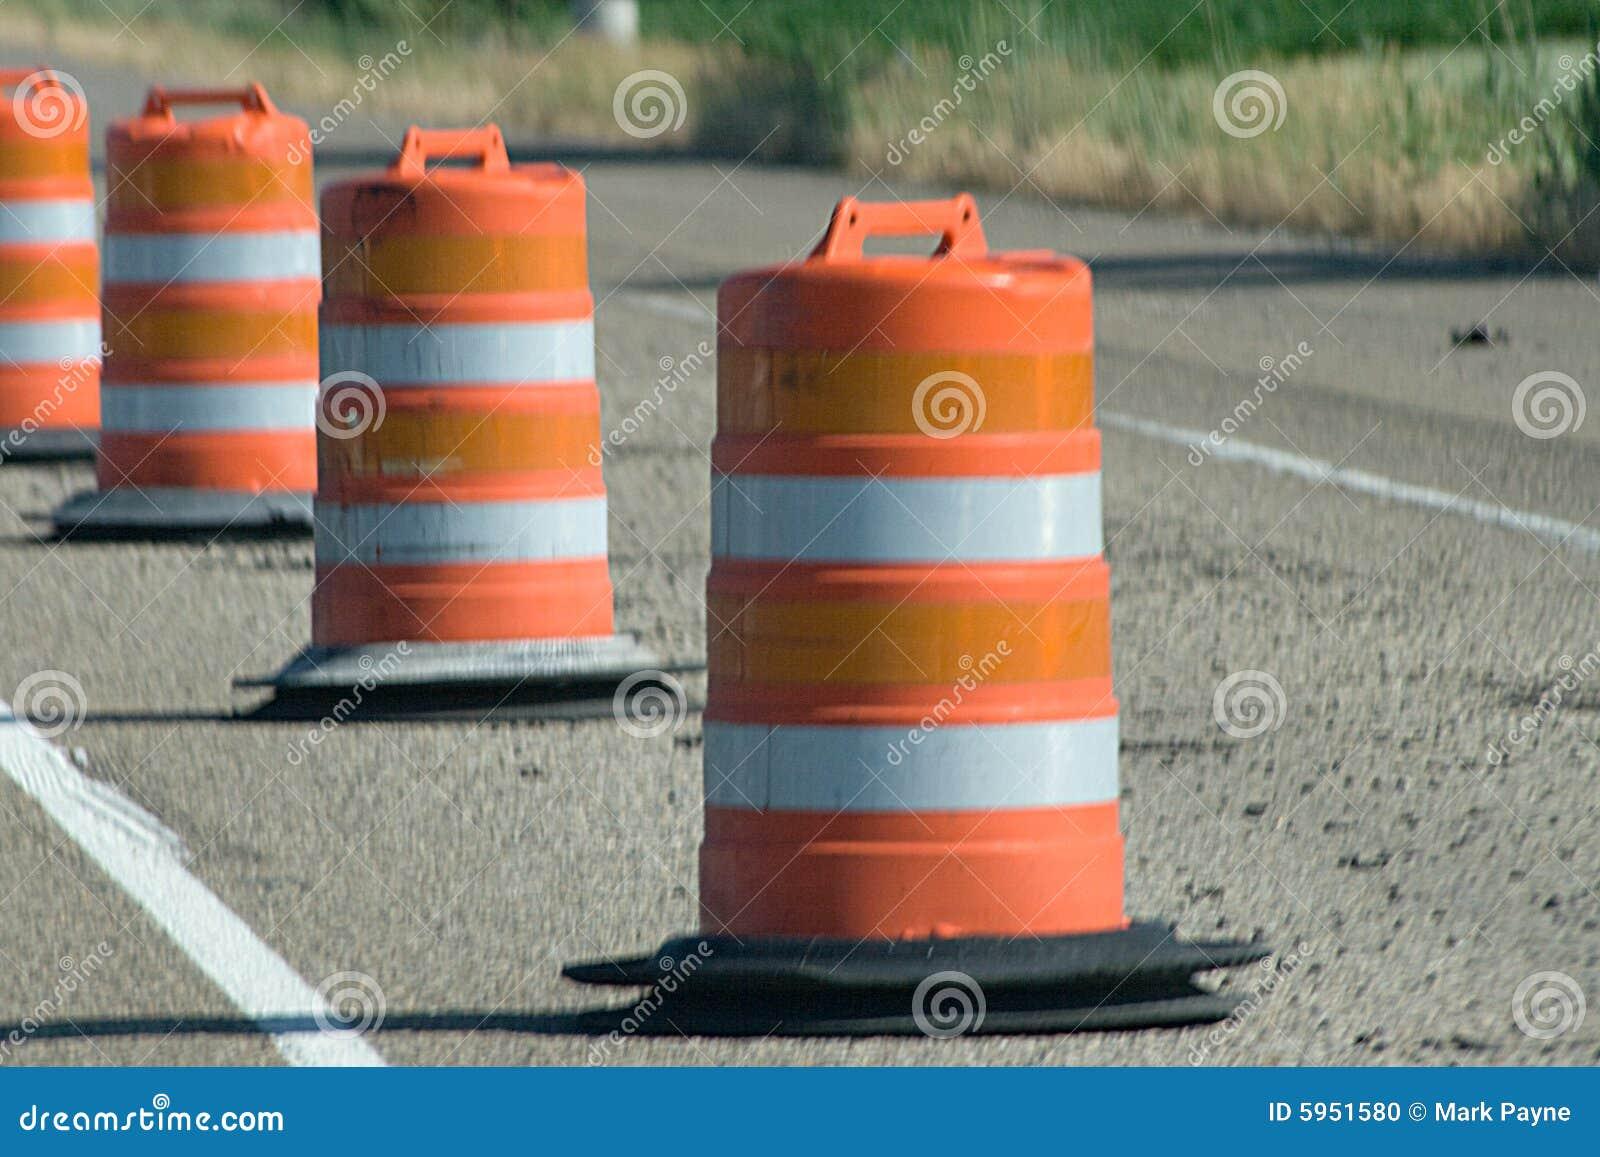 Orange Construction Warning Barrels Stock Photo - Image ...